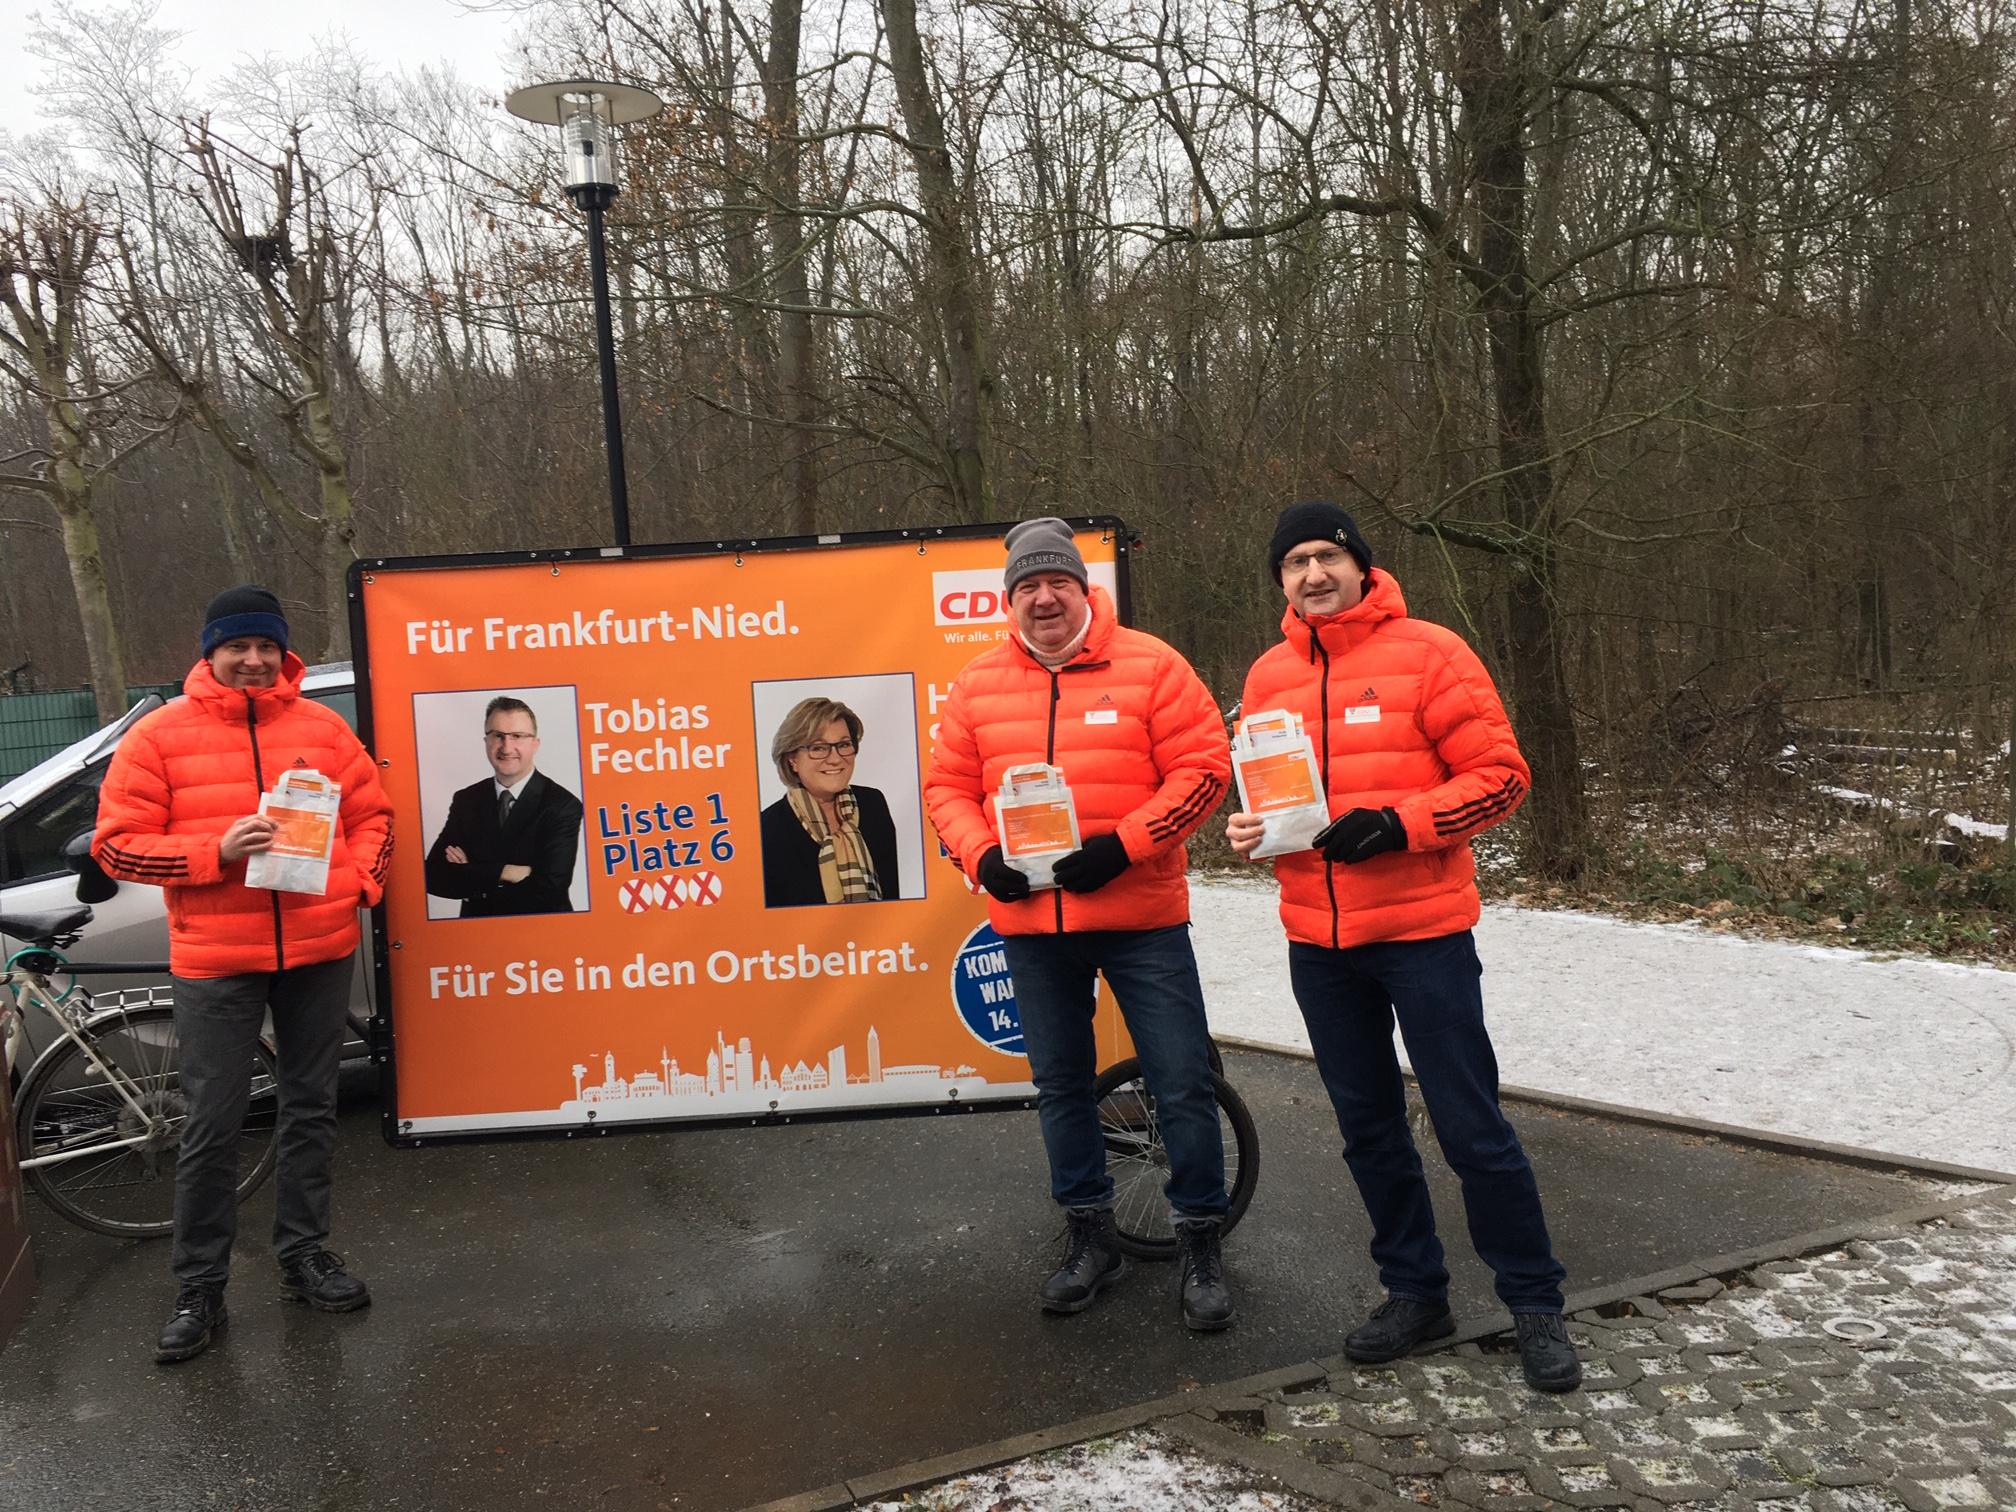 Torsten Gleich, Michael Kumnick und Tobias Fechler (v.l.) unterwegs im Wilhelm-Koppel-Weg.